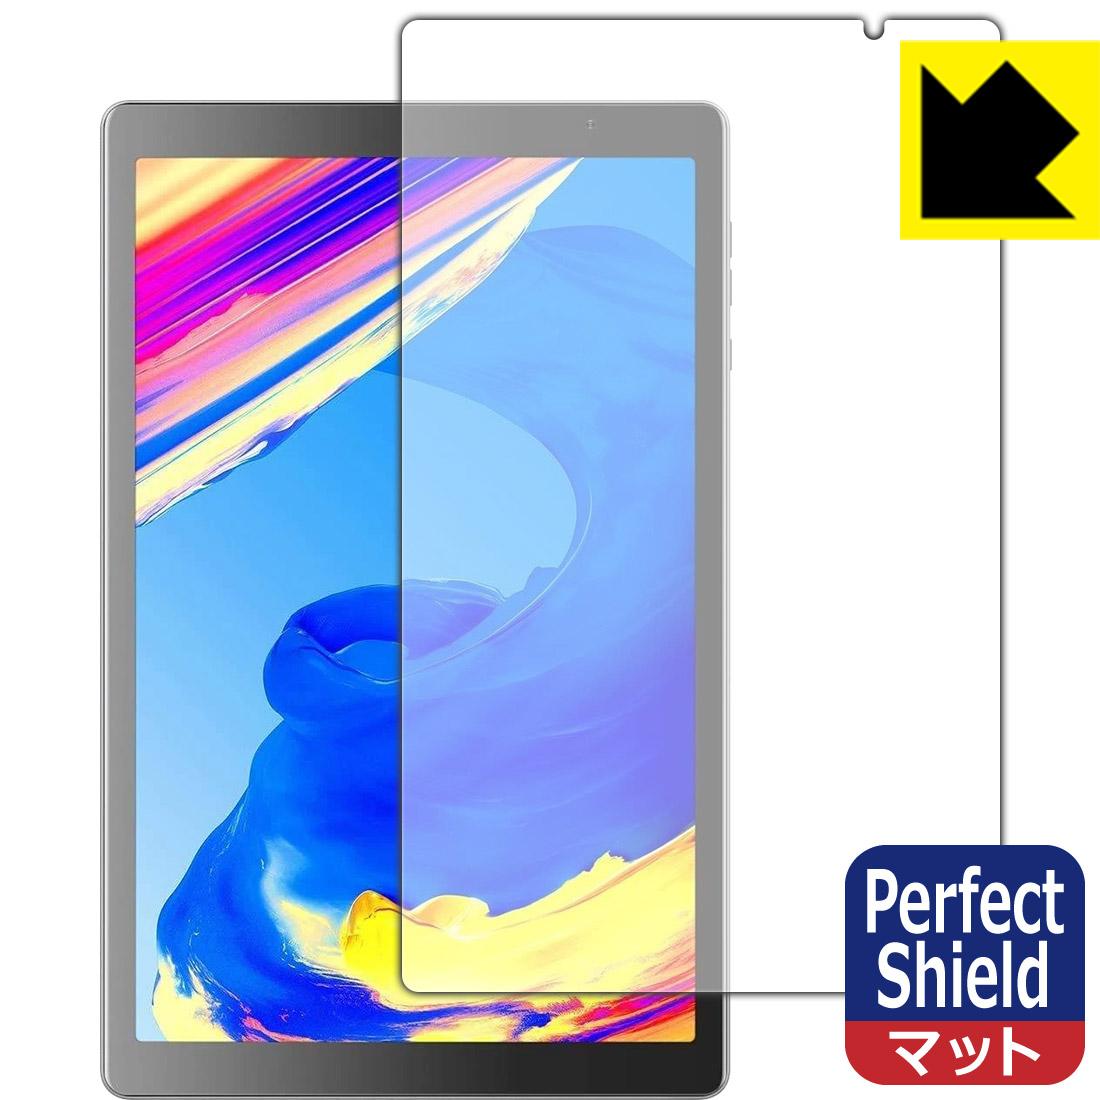 アンチグレアタイプ 非光沢 VANKYO MatrixPad S20 ブランド買うならブランドオフ 専用保護フィルム 専門店 smtb-kd Perfect ワンーキョー 保護シート Shield